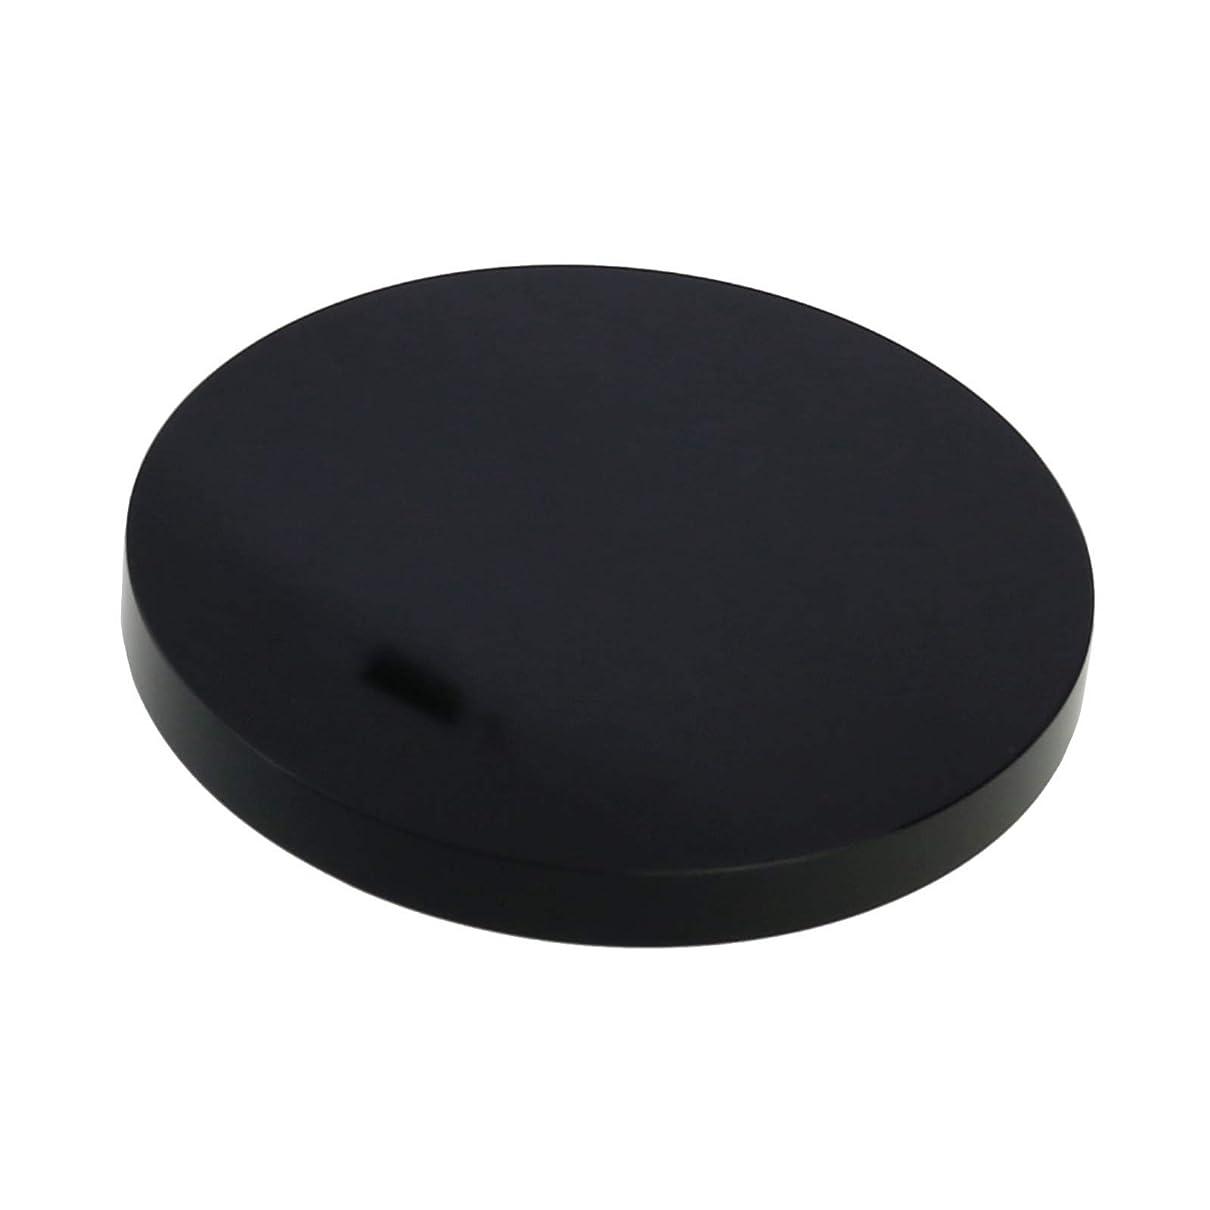 ペチュランス北極圏ようこそVranky 4.7 インチ 12cm 黒曜石 スクライング ミラー アルケミー/ヨガ エネルギー